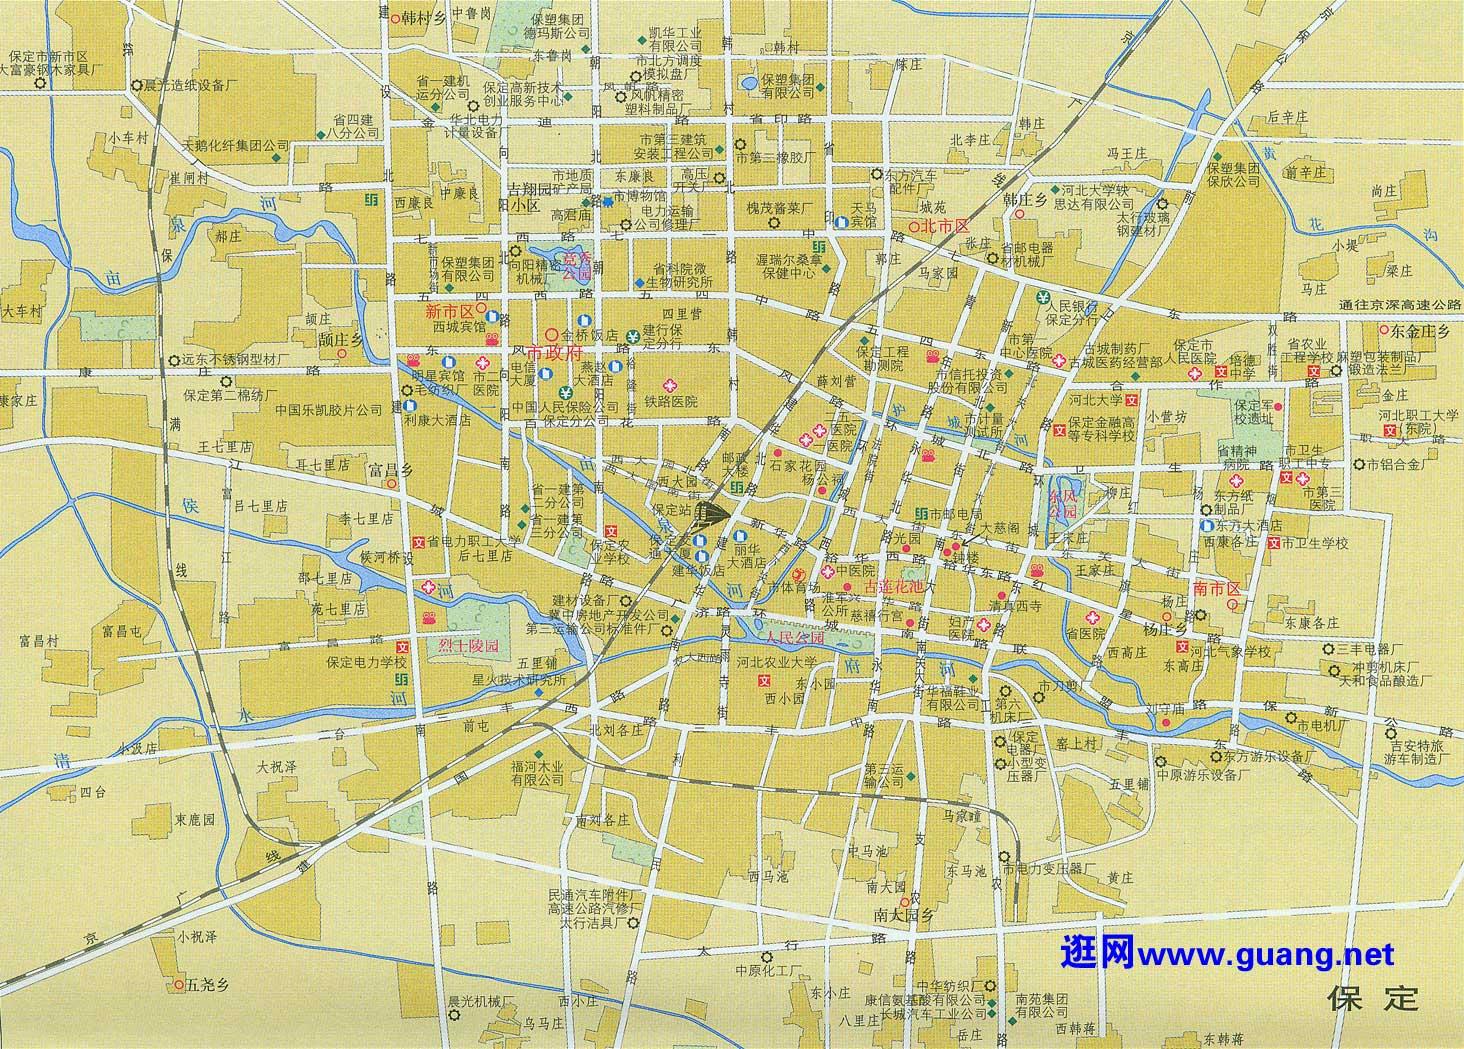 保定市区地图查询 保定市区地图下载 骑行圈